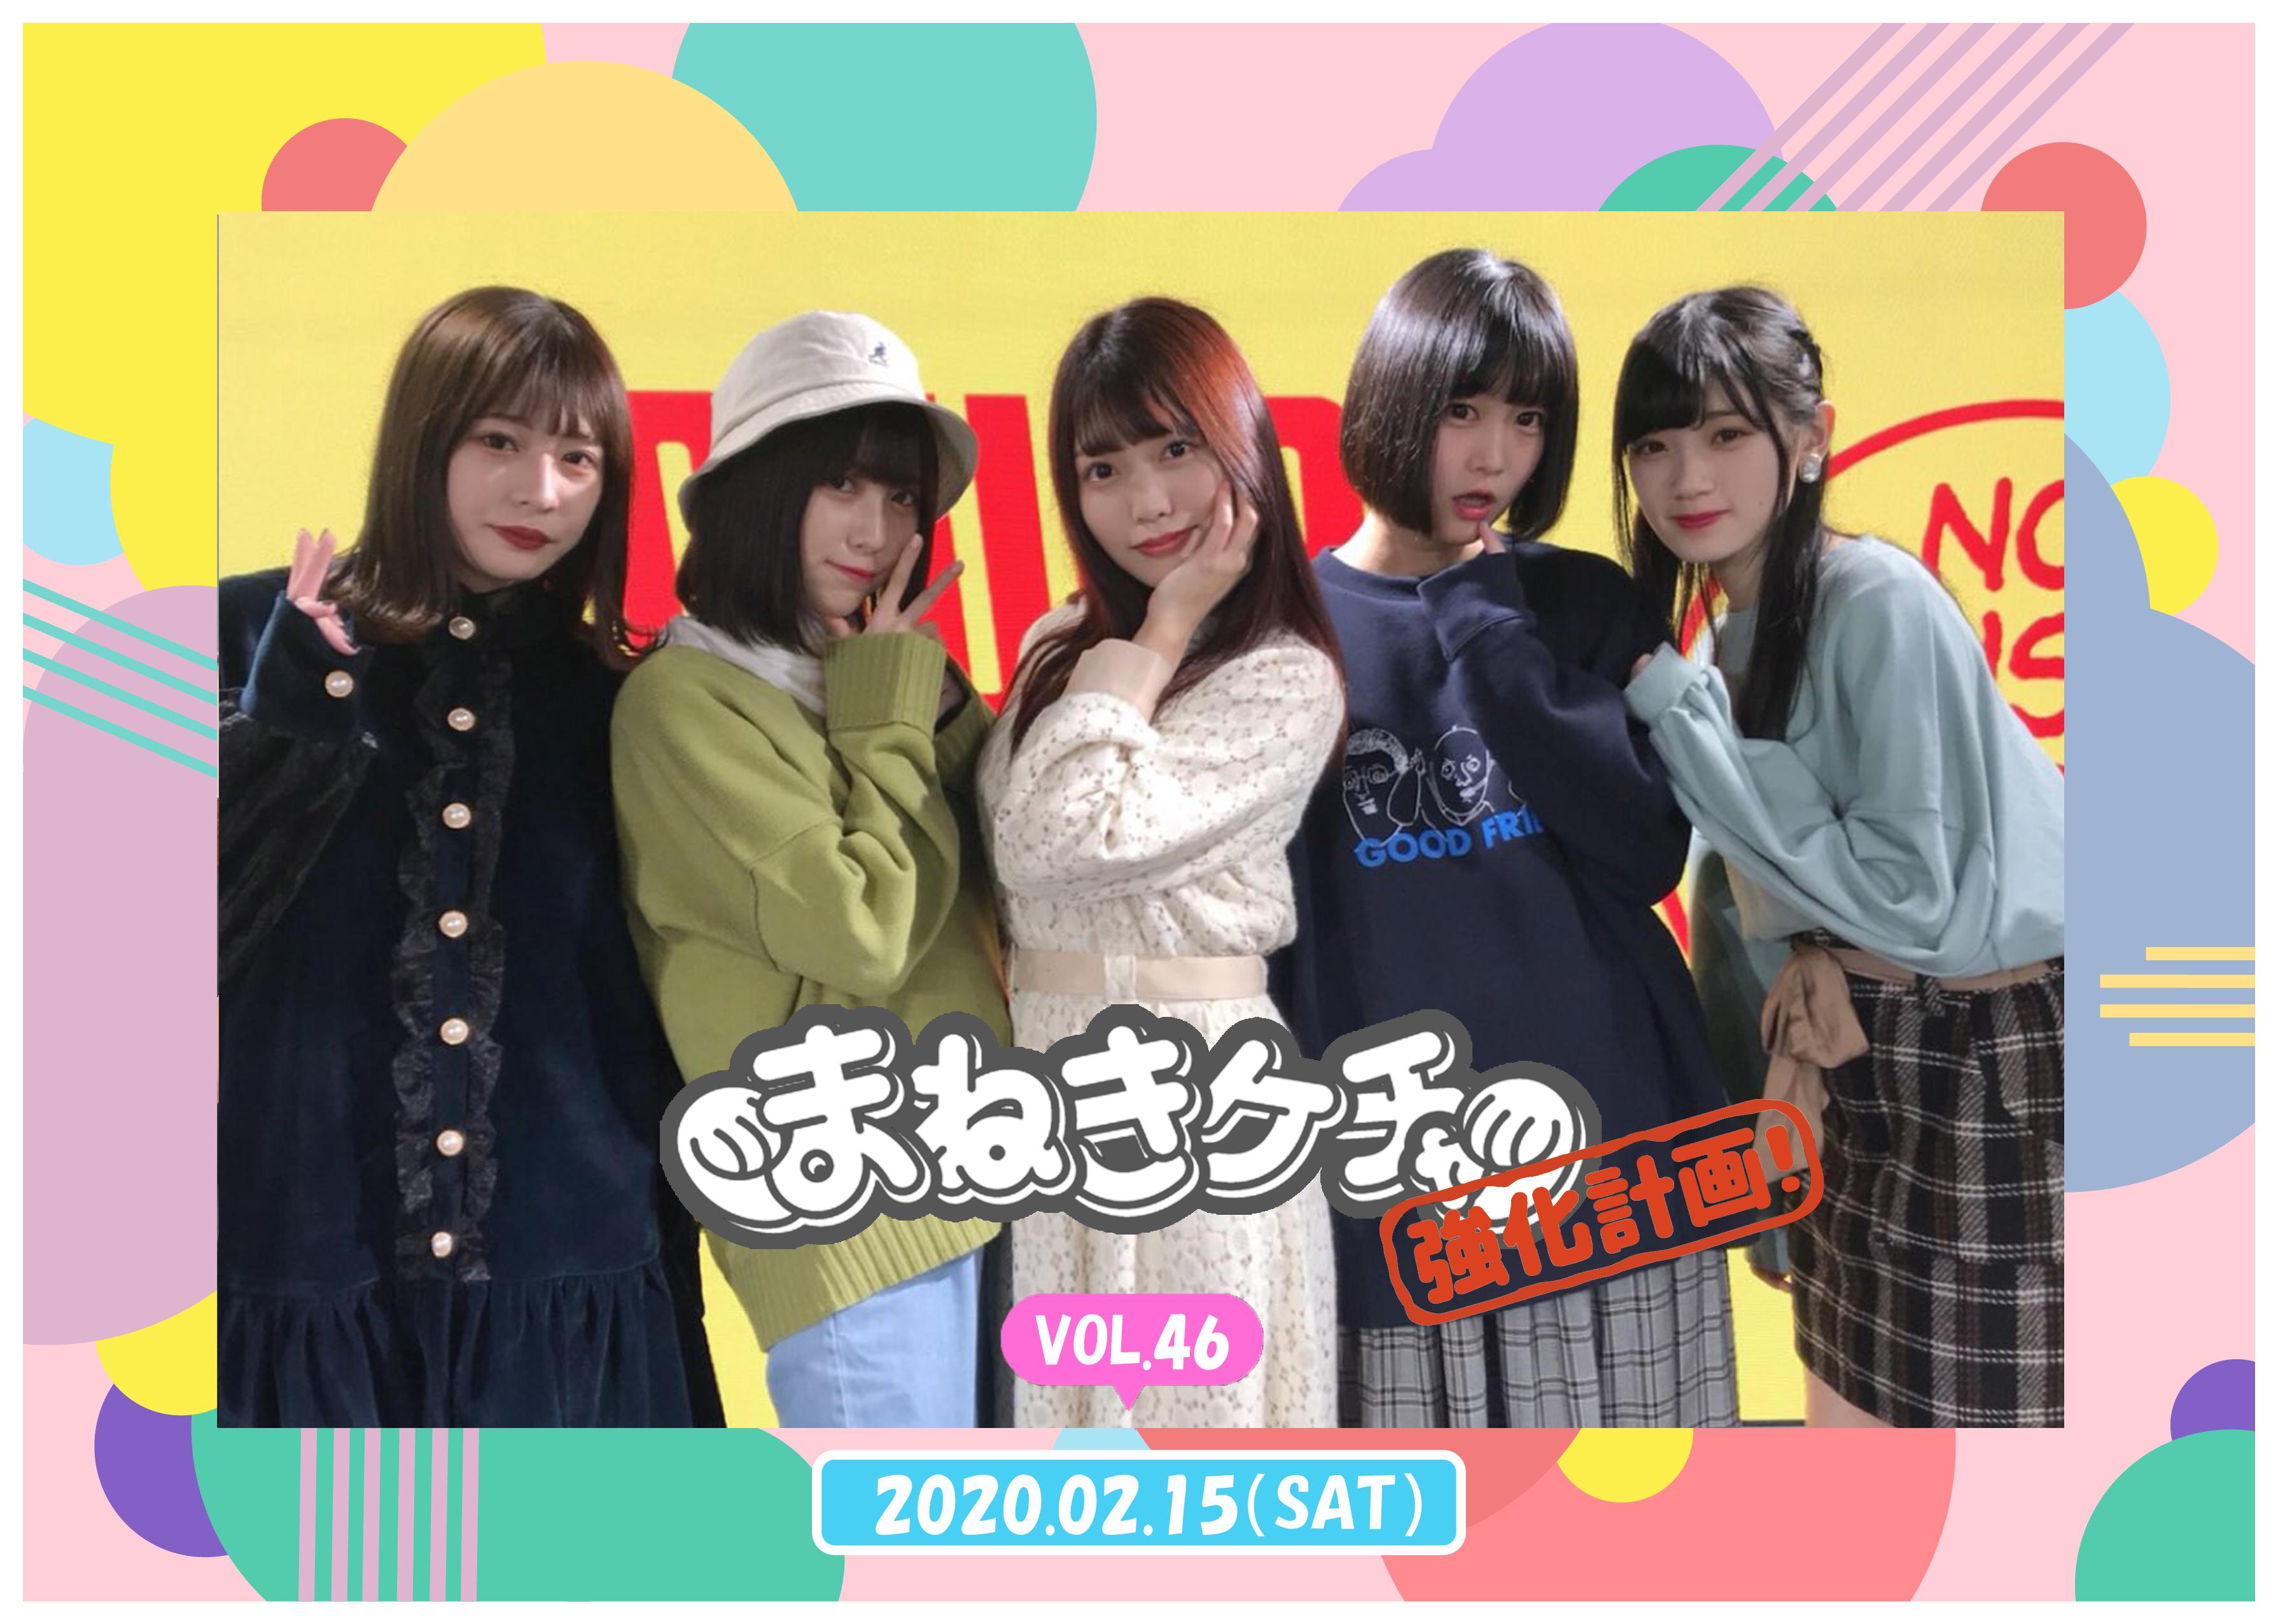 2月15日(土) 『まねきケチャ強化計画 vol.46』